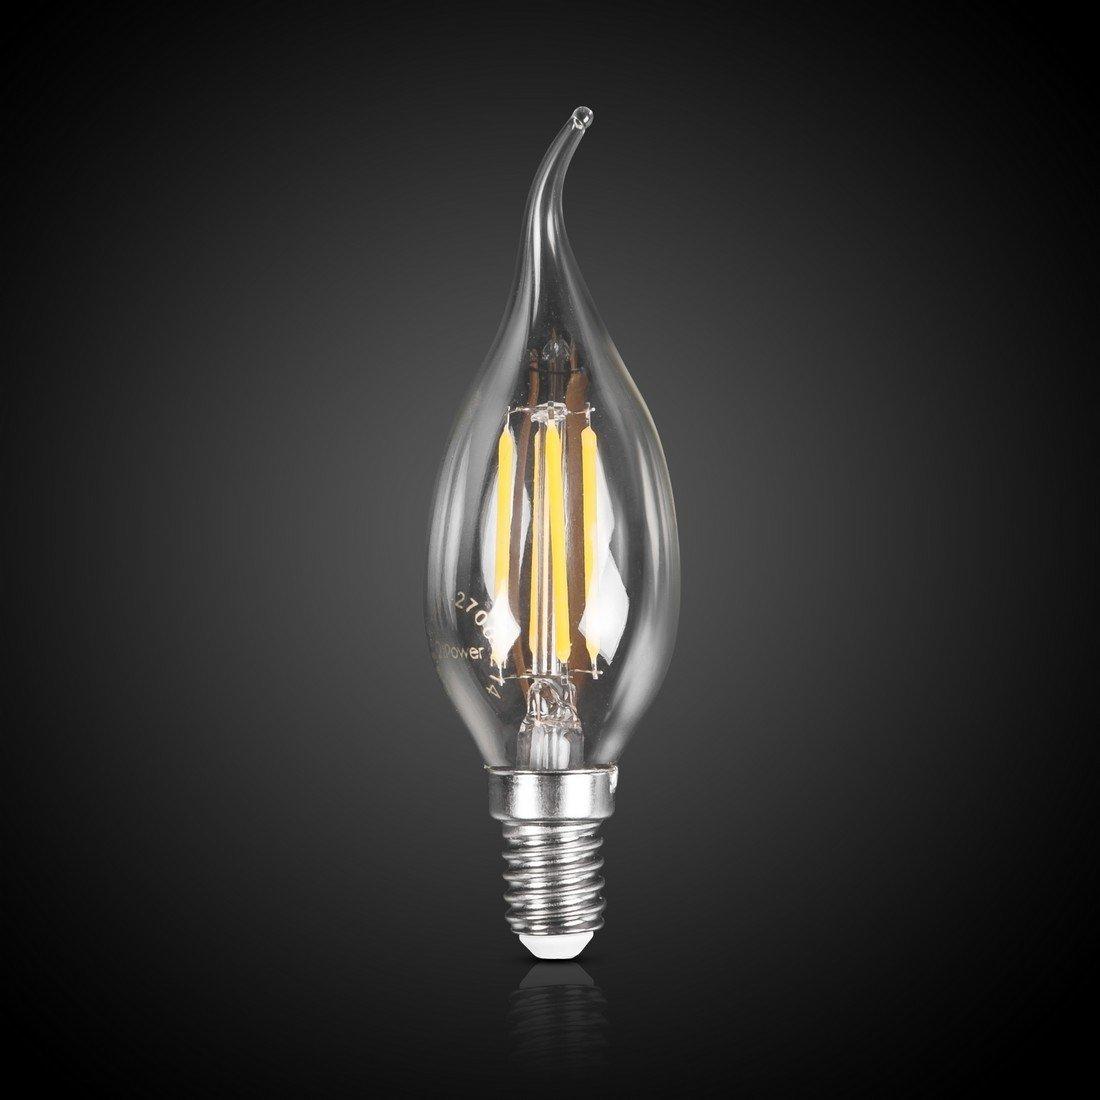 LED Лампа iPower Filament C37-F-4W-2700-E14